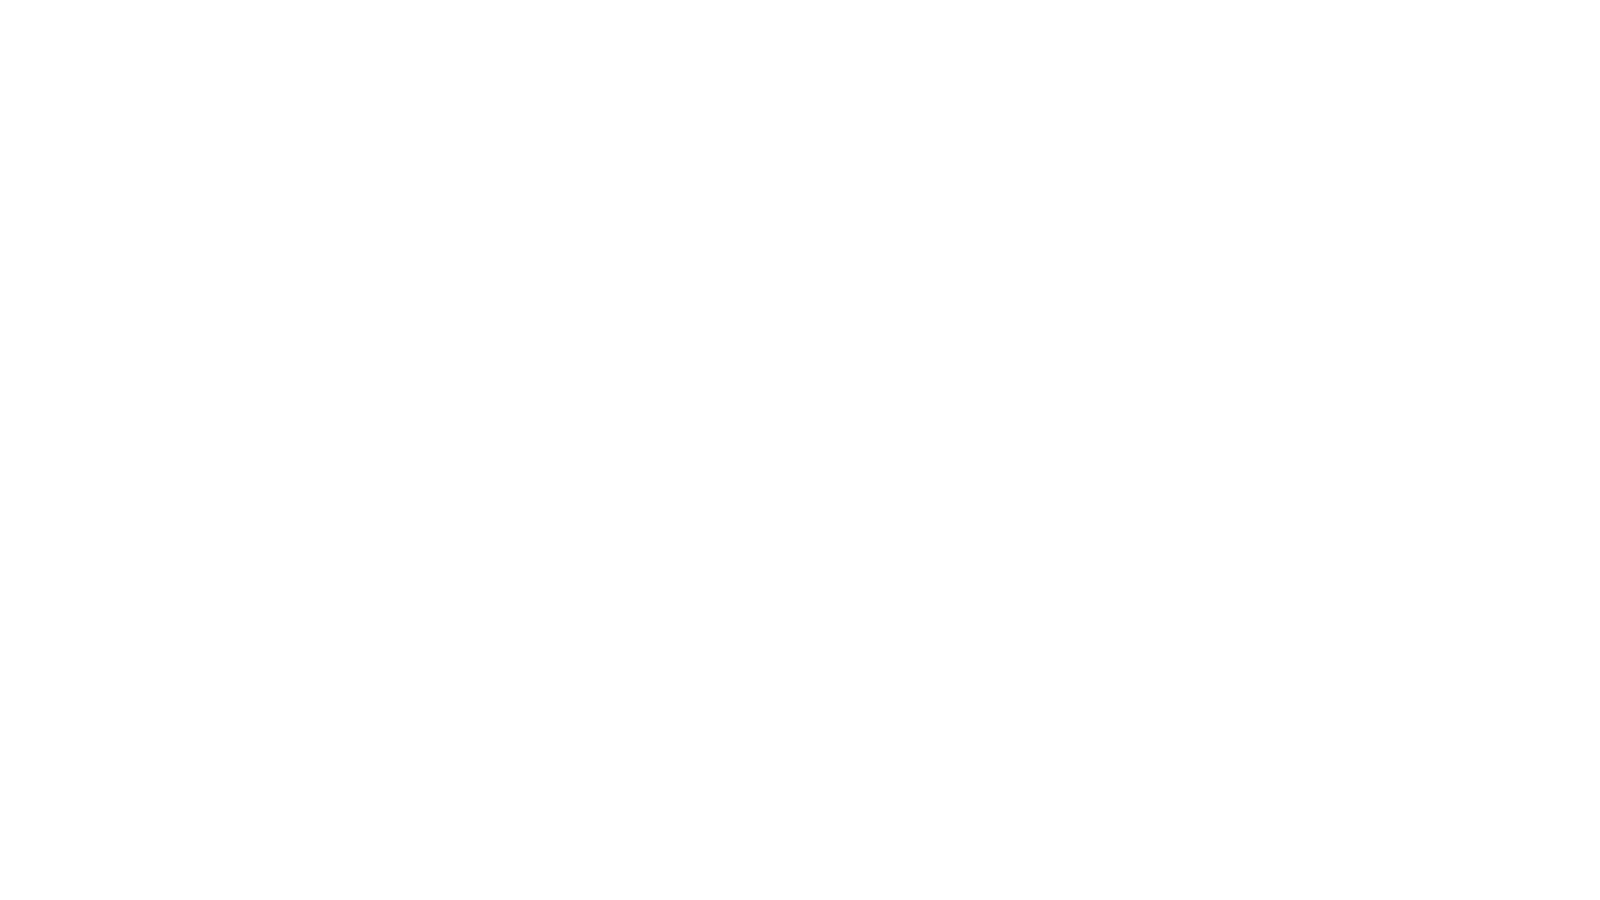 FK Iecava jubilejas gada video apskats, kurā iekļauti kadri no FK Iecava kauss - 2020 turnīra un U14 komandas čempionāta spēles